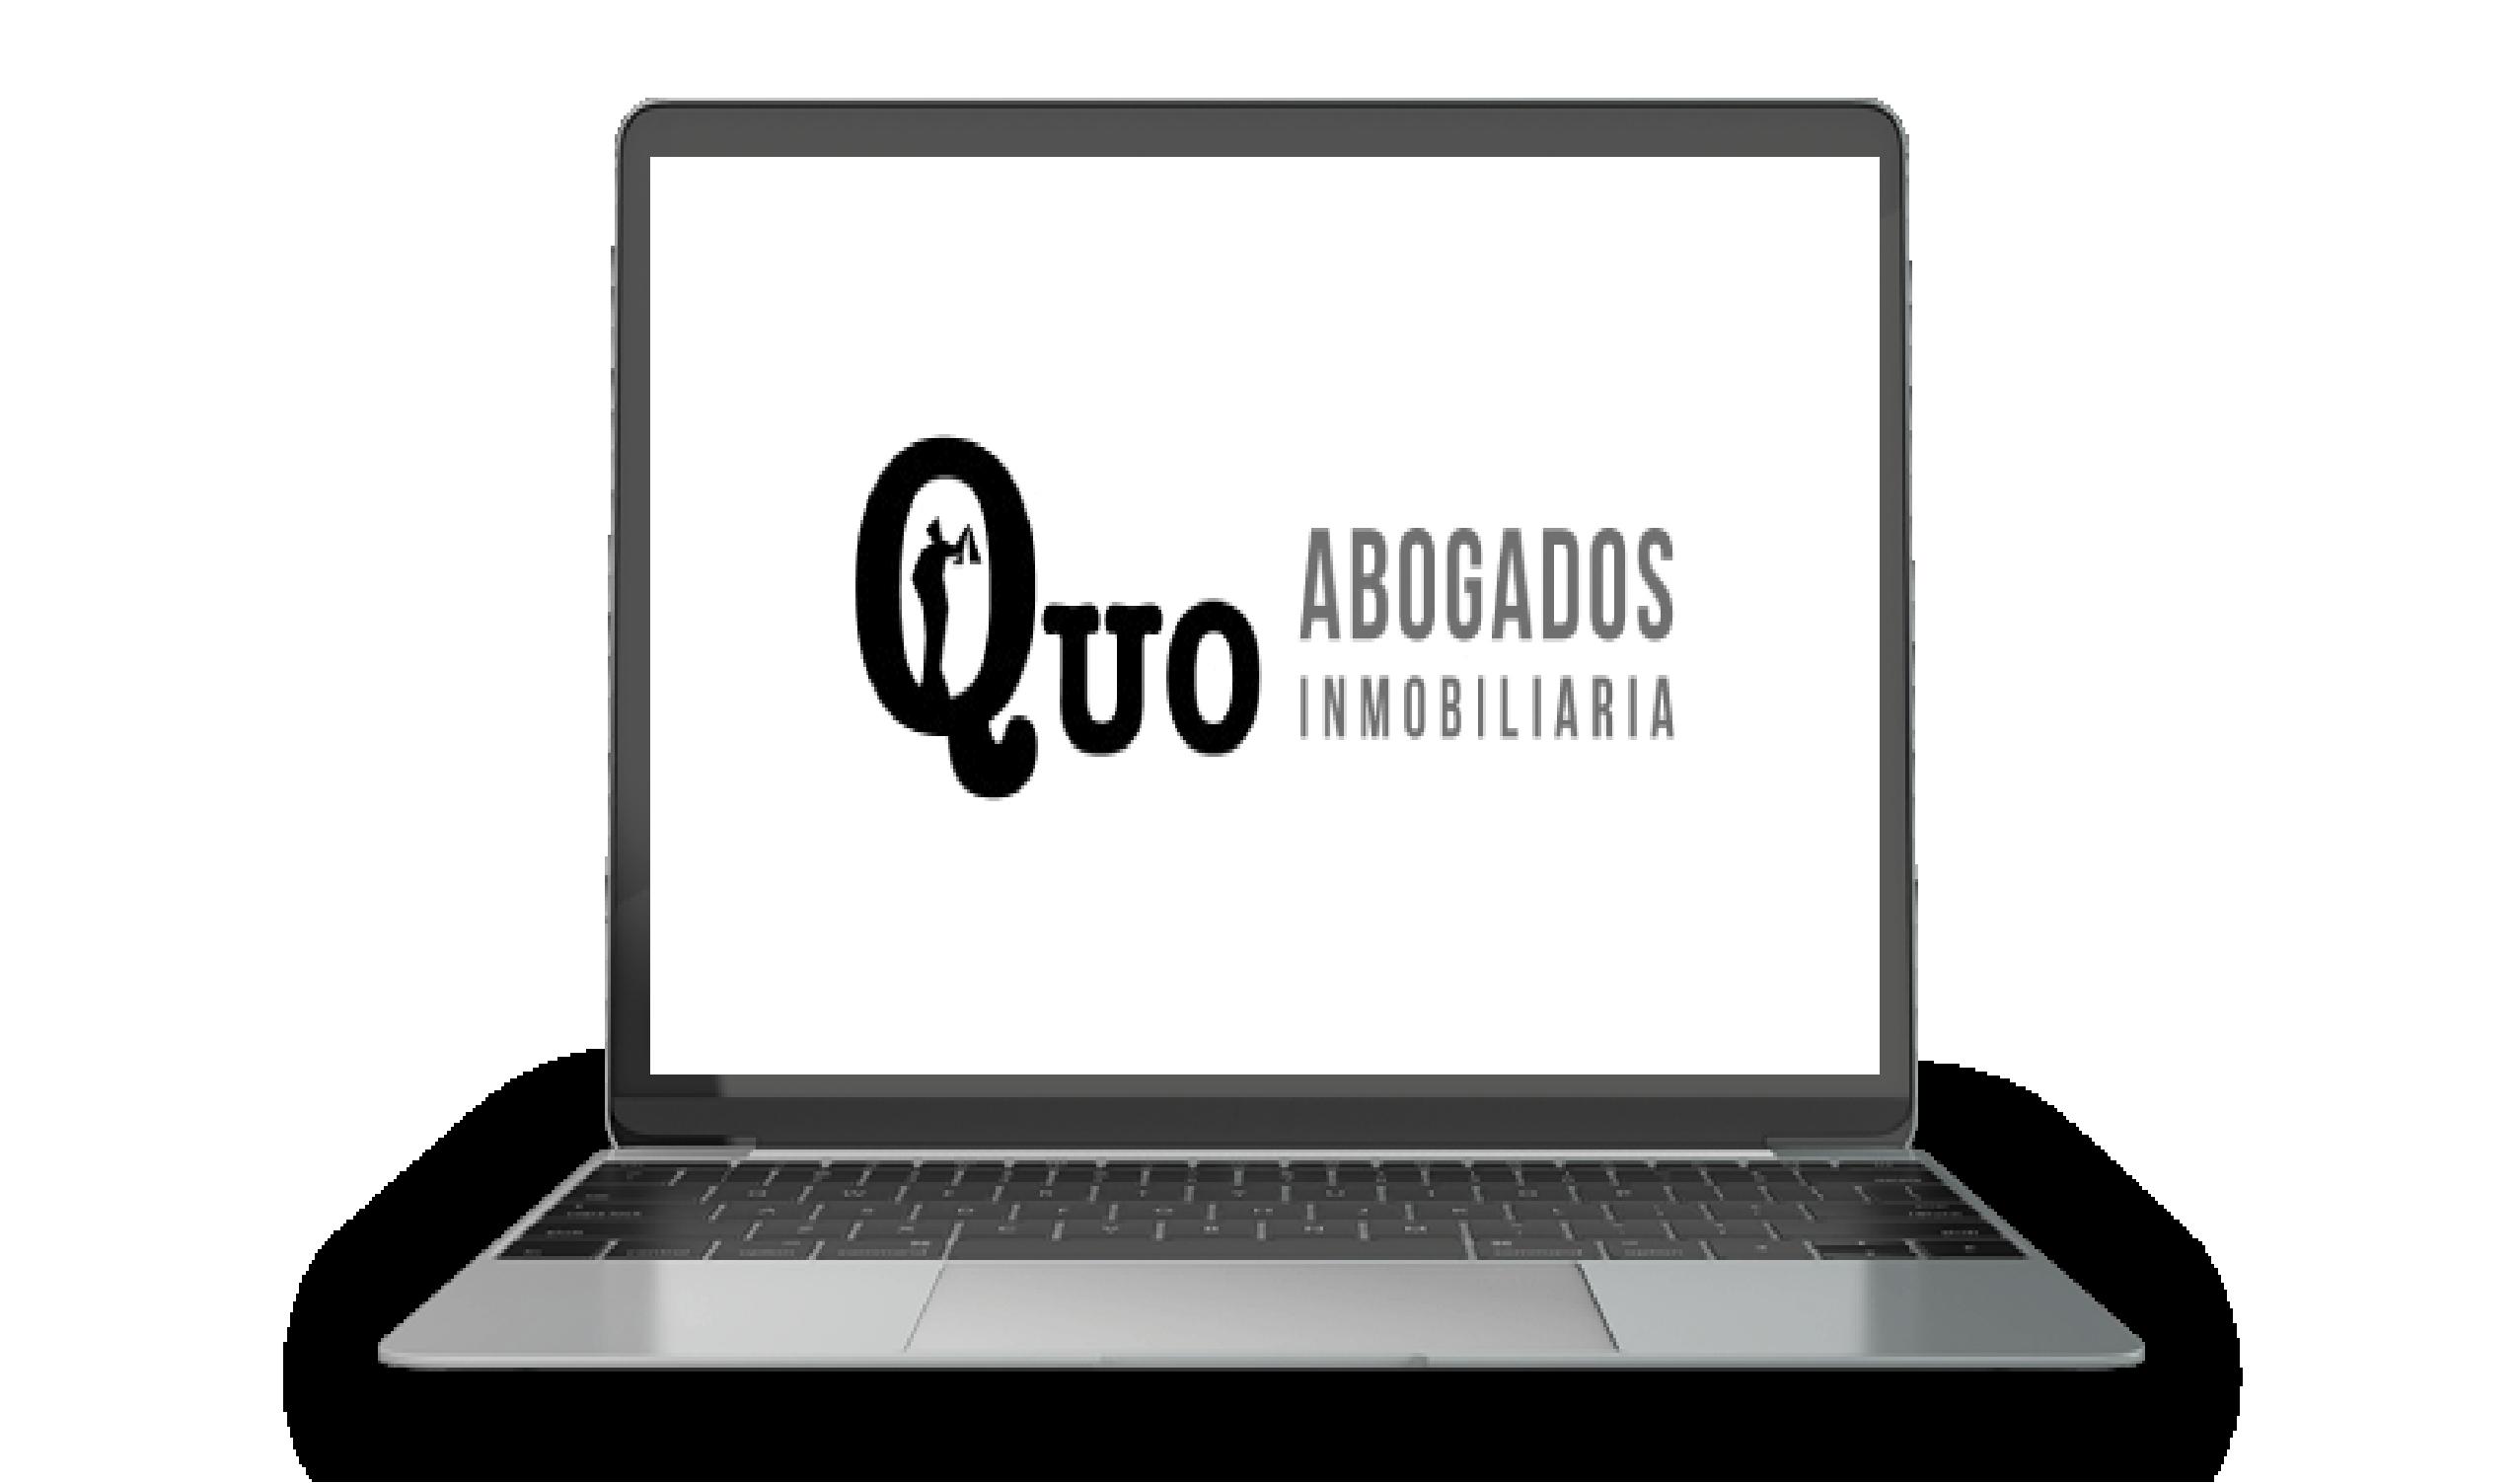 case studies quo abogados